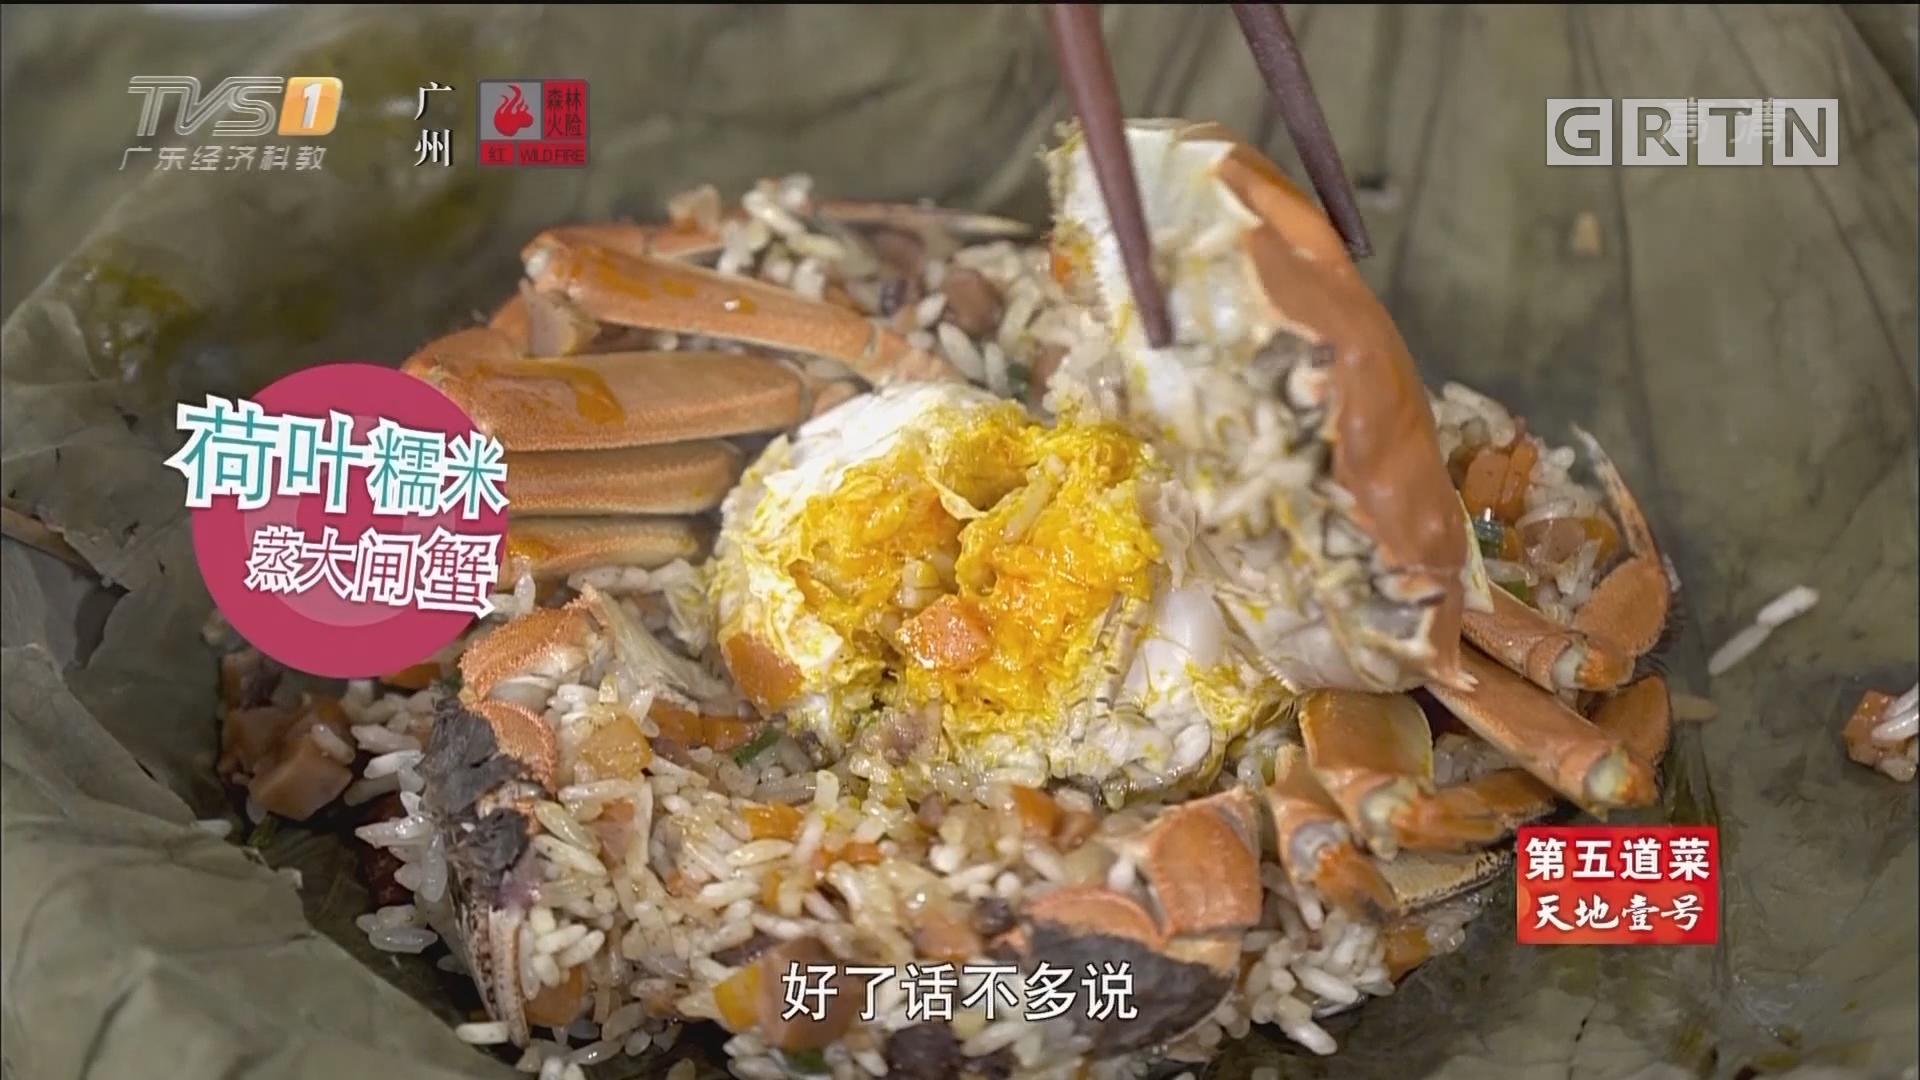 荷叶糯米蒸大闸蟹